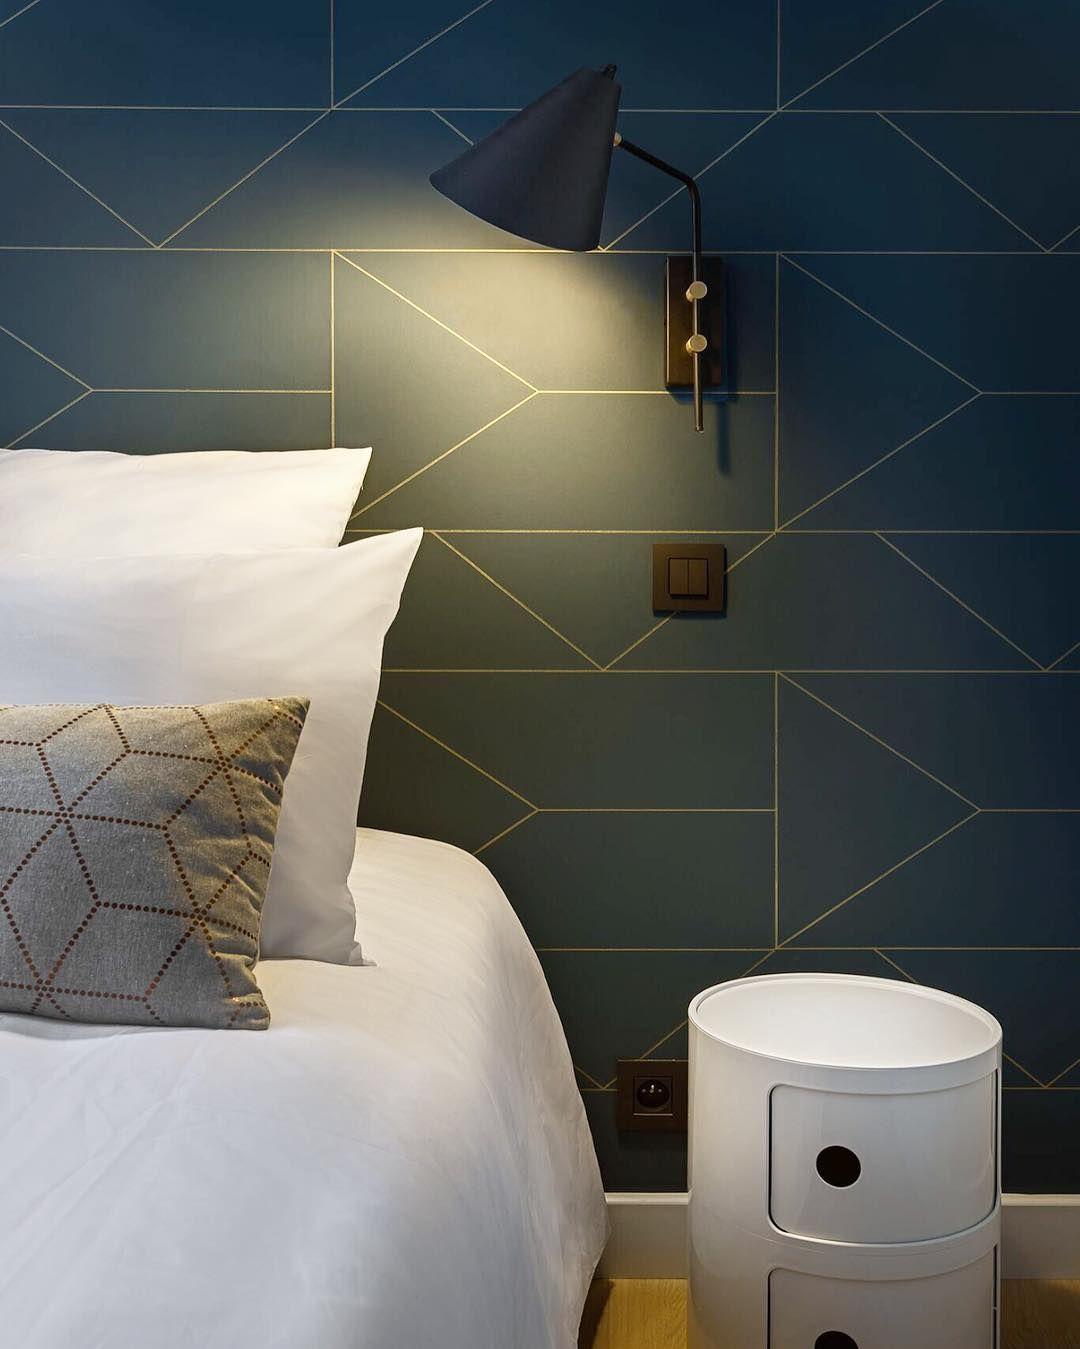 50 Master Bedroom Ideas That Go Beyond The Basics: Lines Dorées Et Fond Bleu Foncé